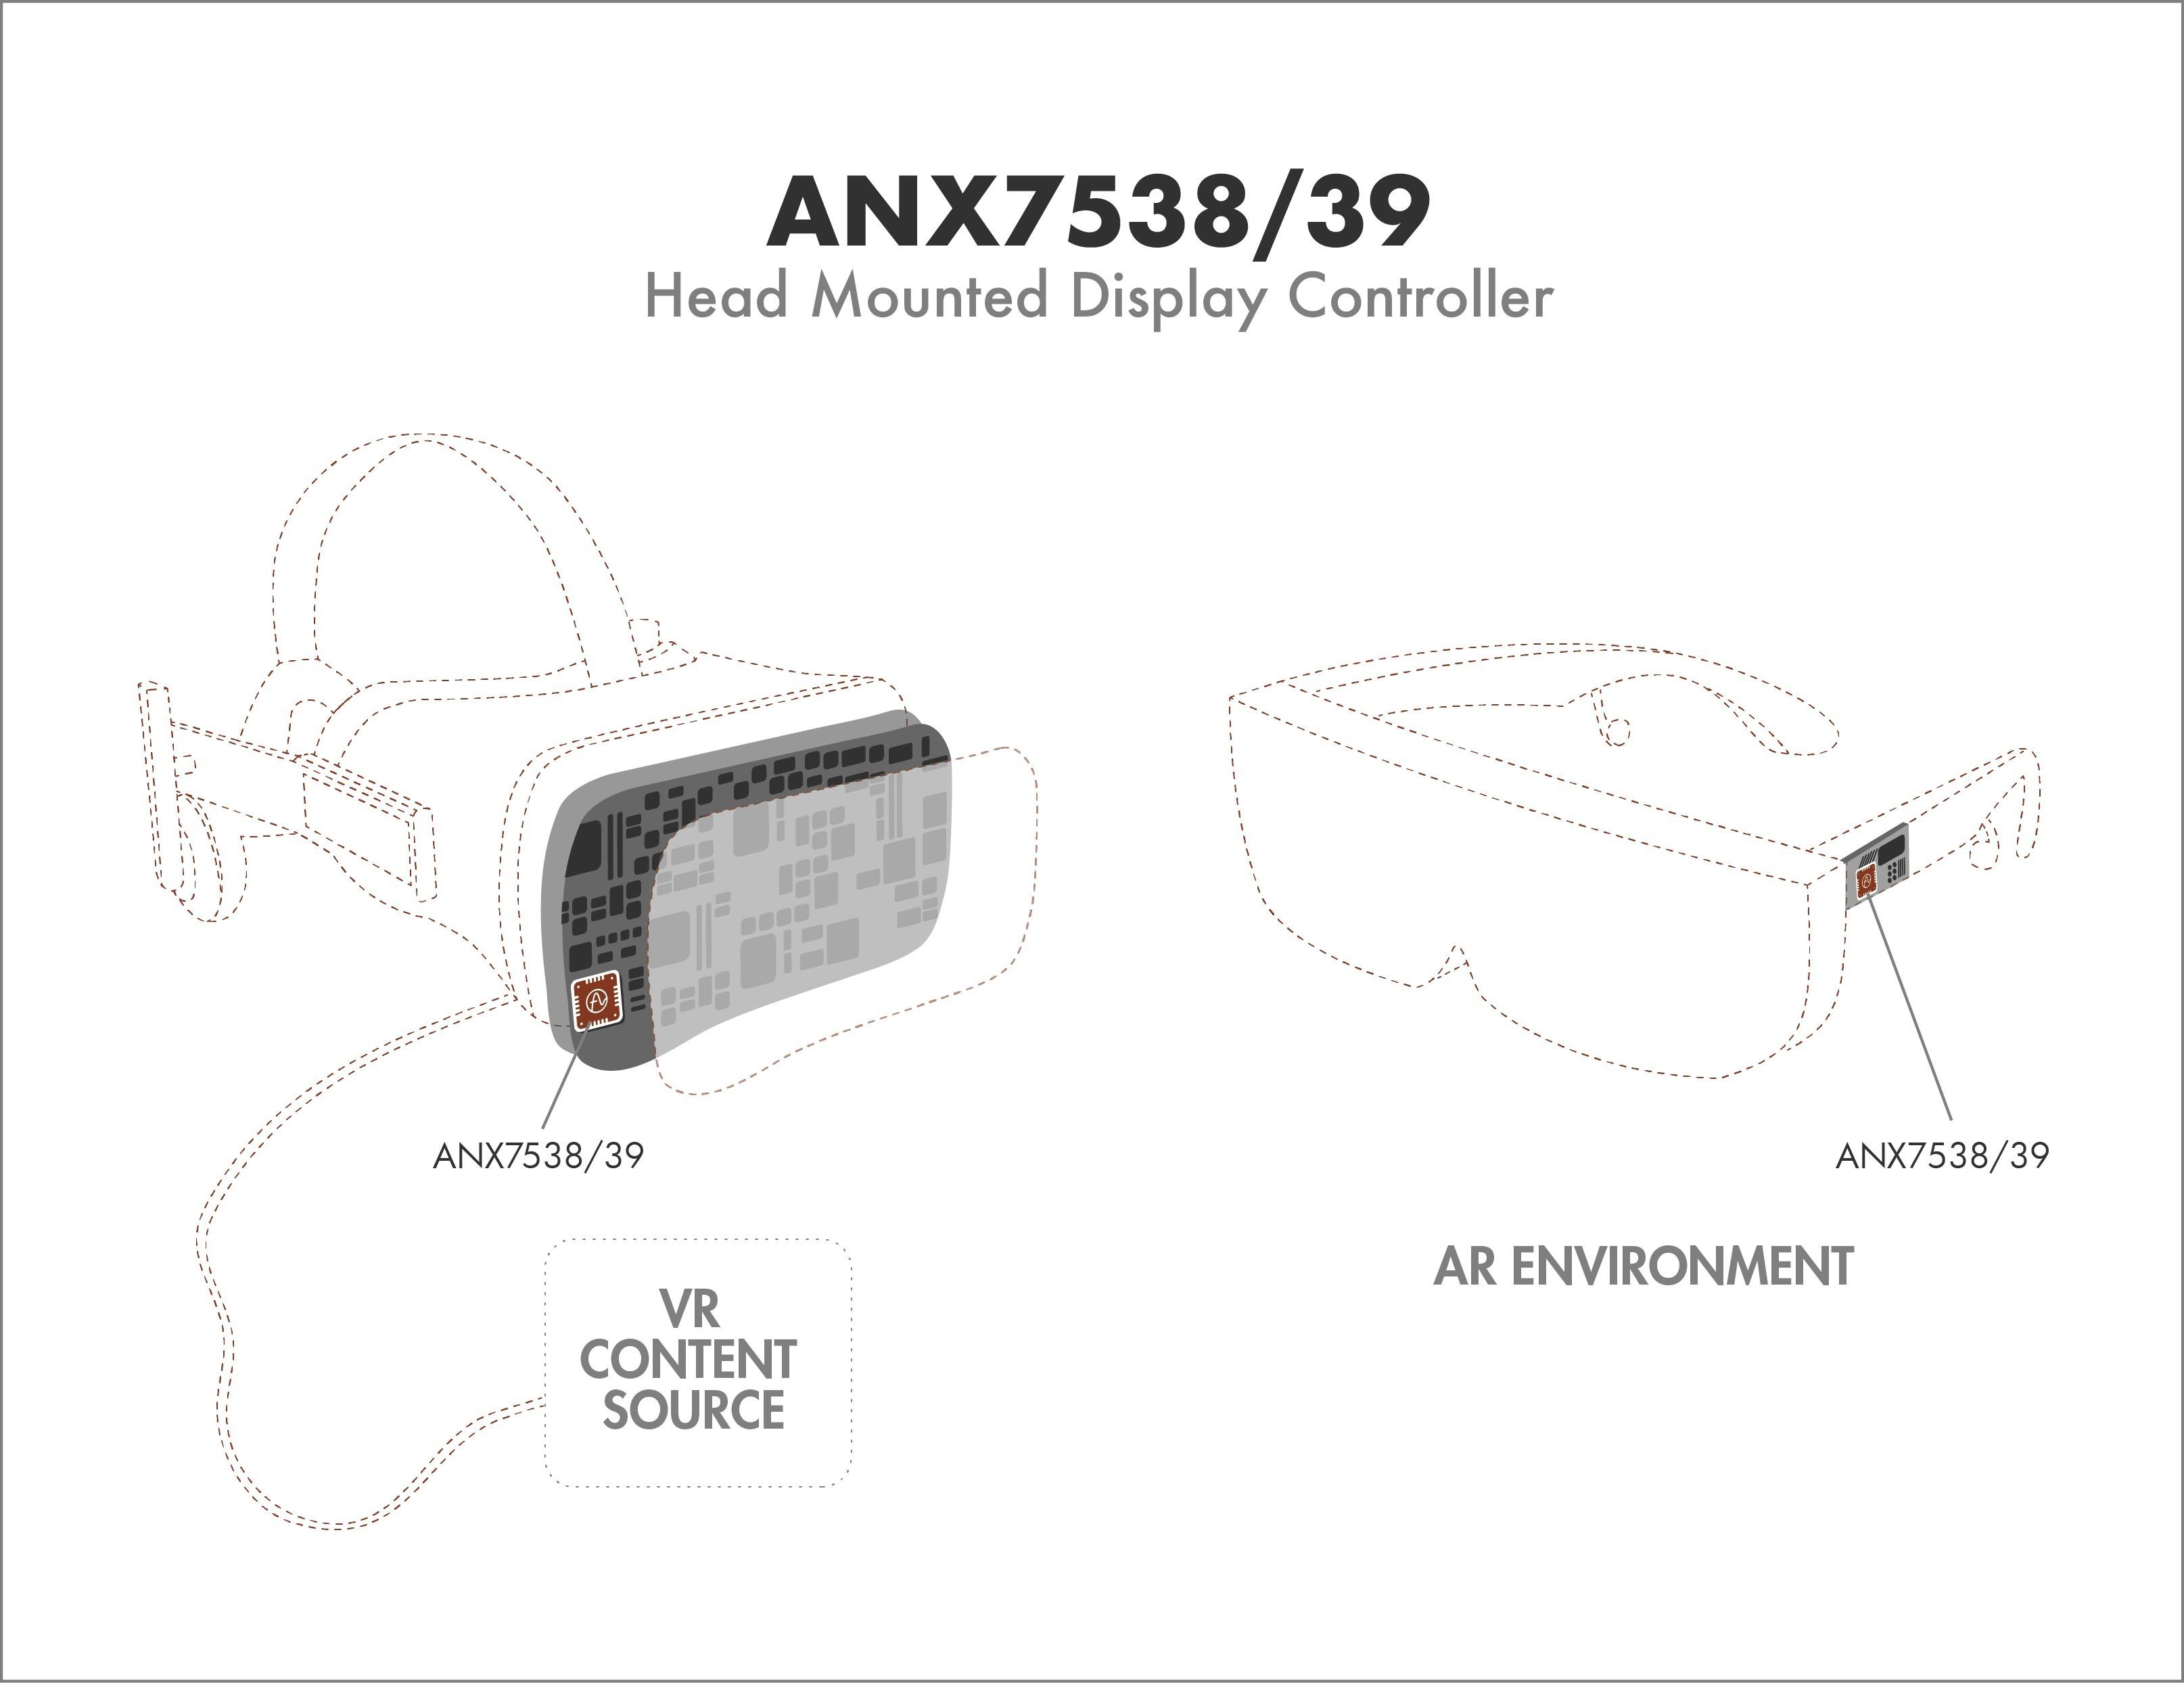 Analogix stellt ANX7538/39 Datenhelm-Controller für 4K 120 FPS AR/VR ...